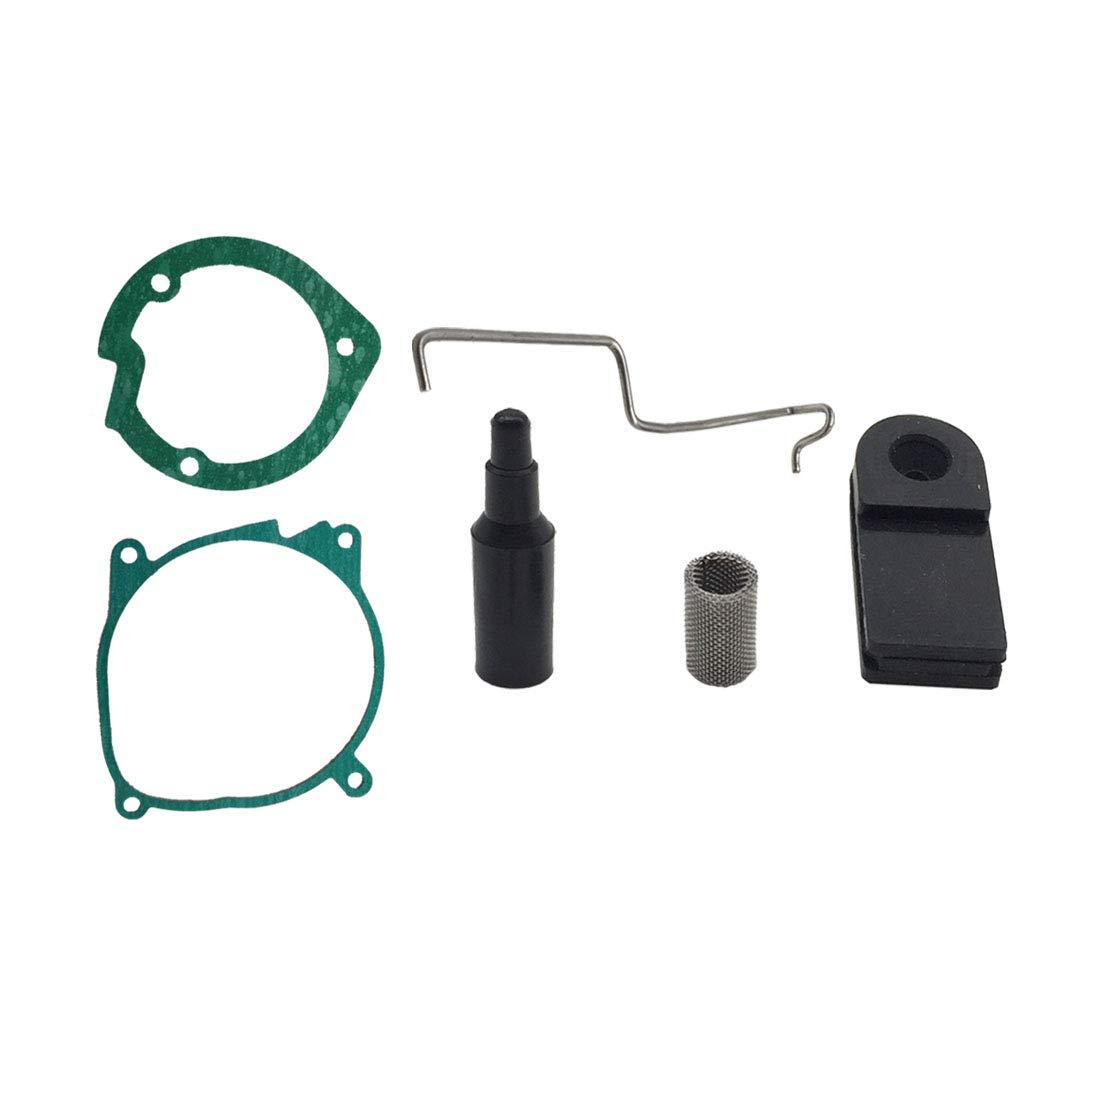 AIB2C Air Heater Service Repair Kit for Eberspacher Espar D2 Airtronic 292199015407 by AIB2C